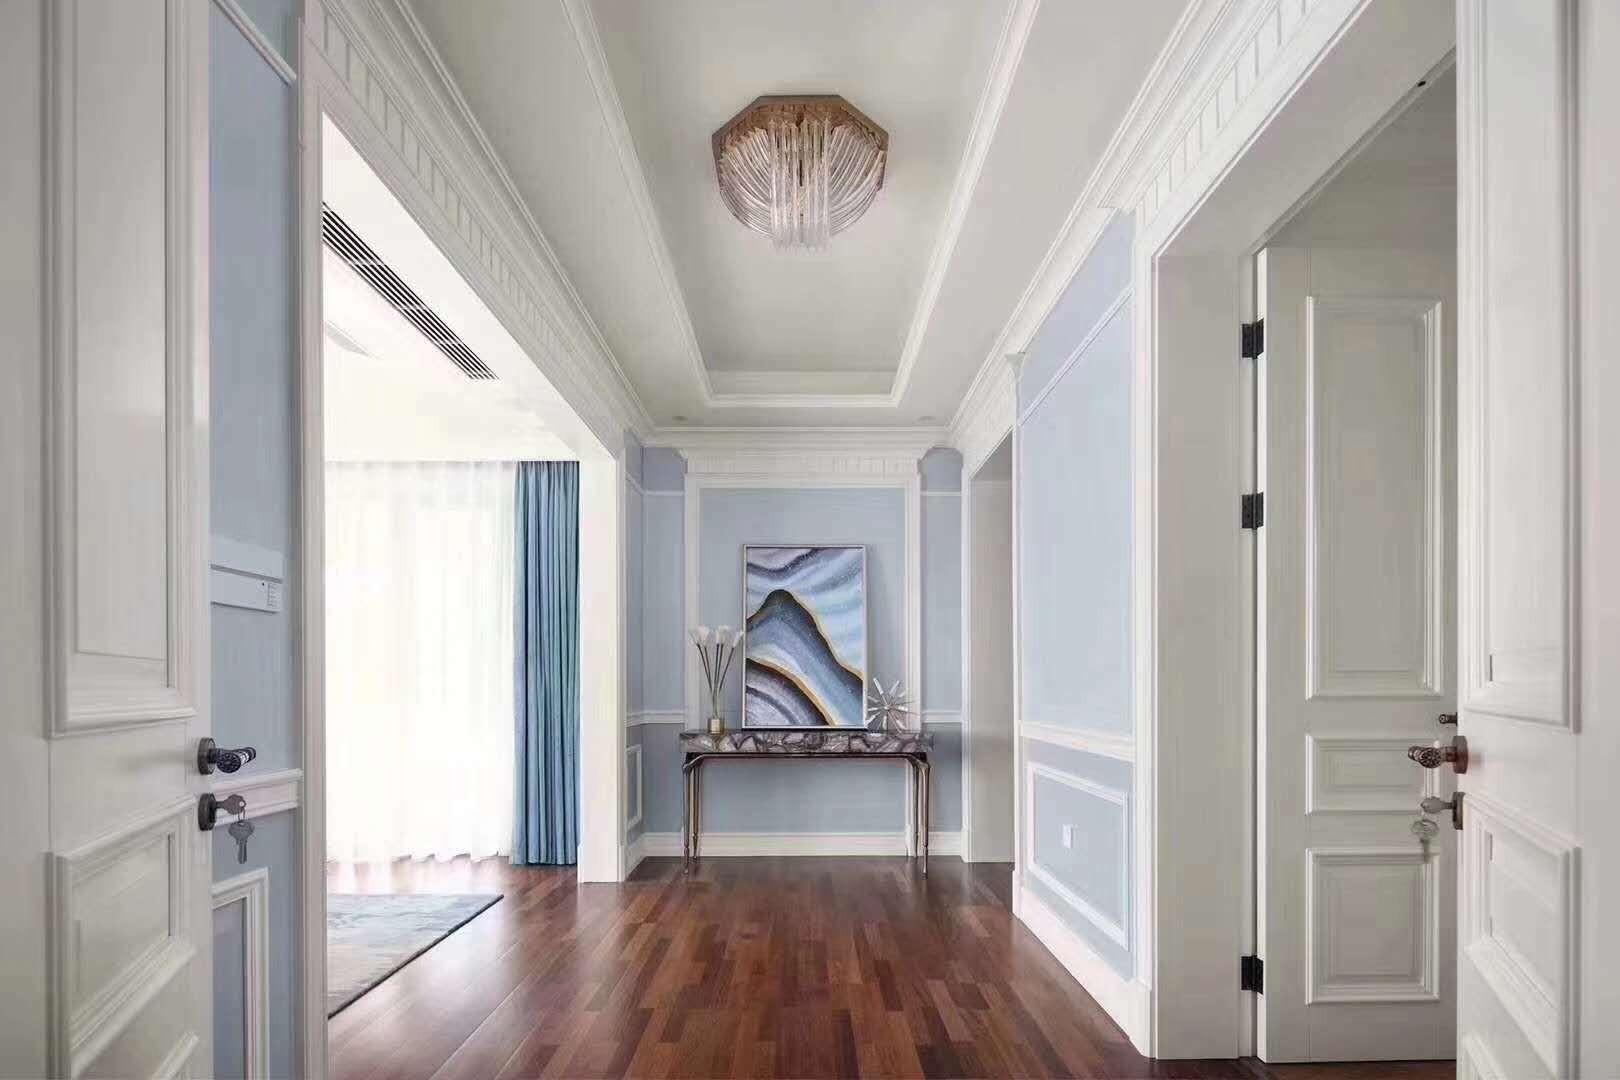 德国汉诺地板 三层实木复合地板 客厅  书房   衣帽间  卧室   中式  法式 玛宝木/三拼/Pm SS17XA-525190